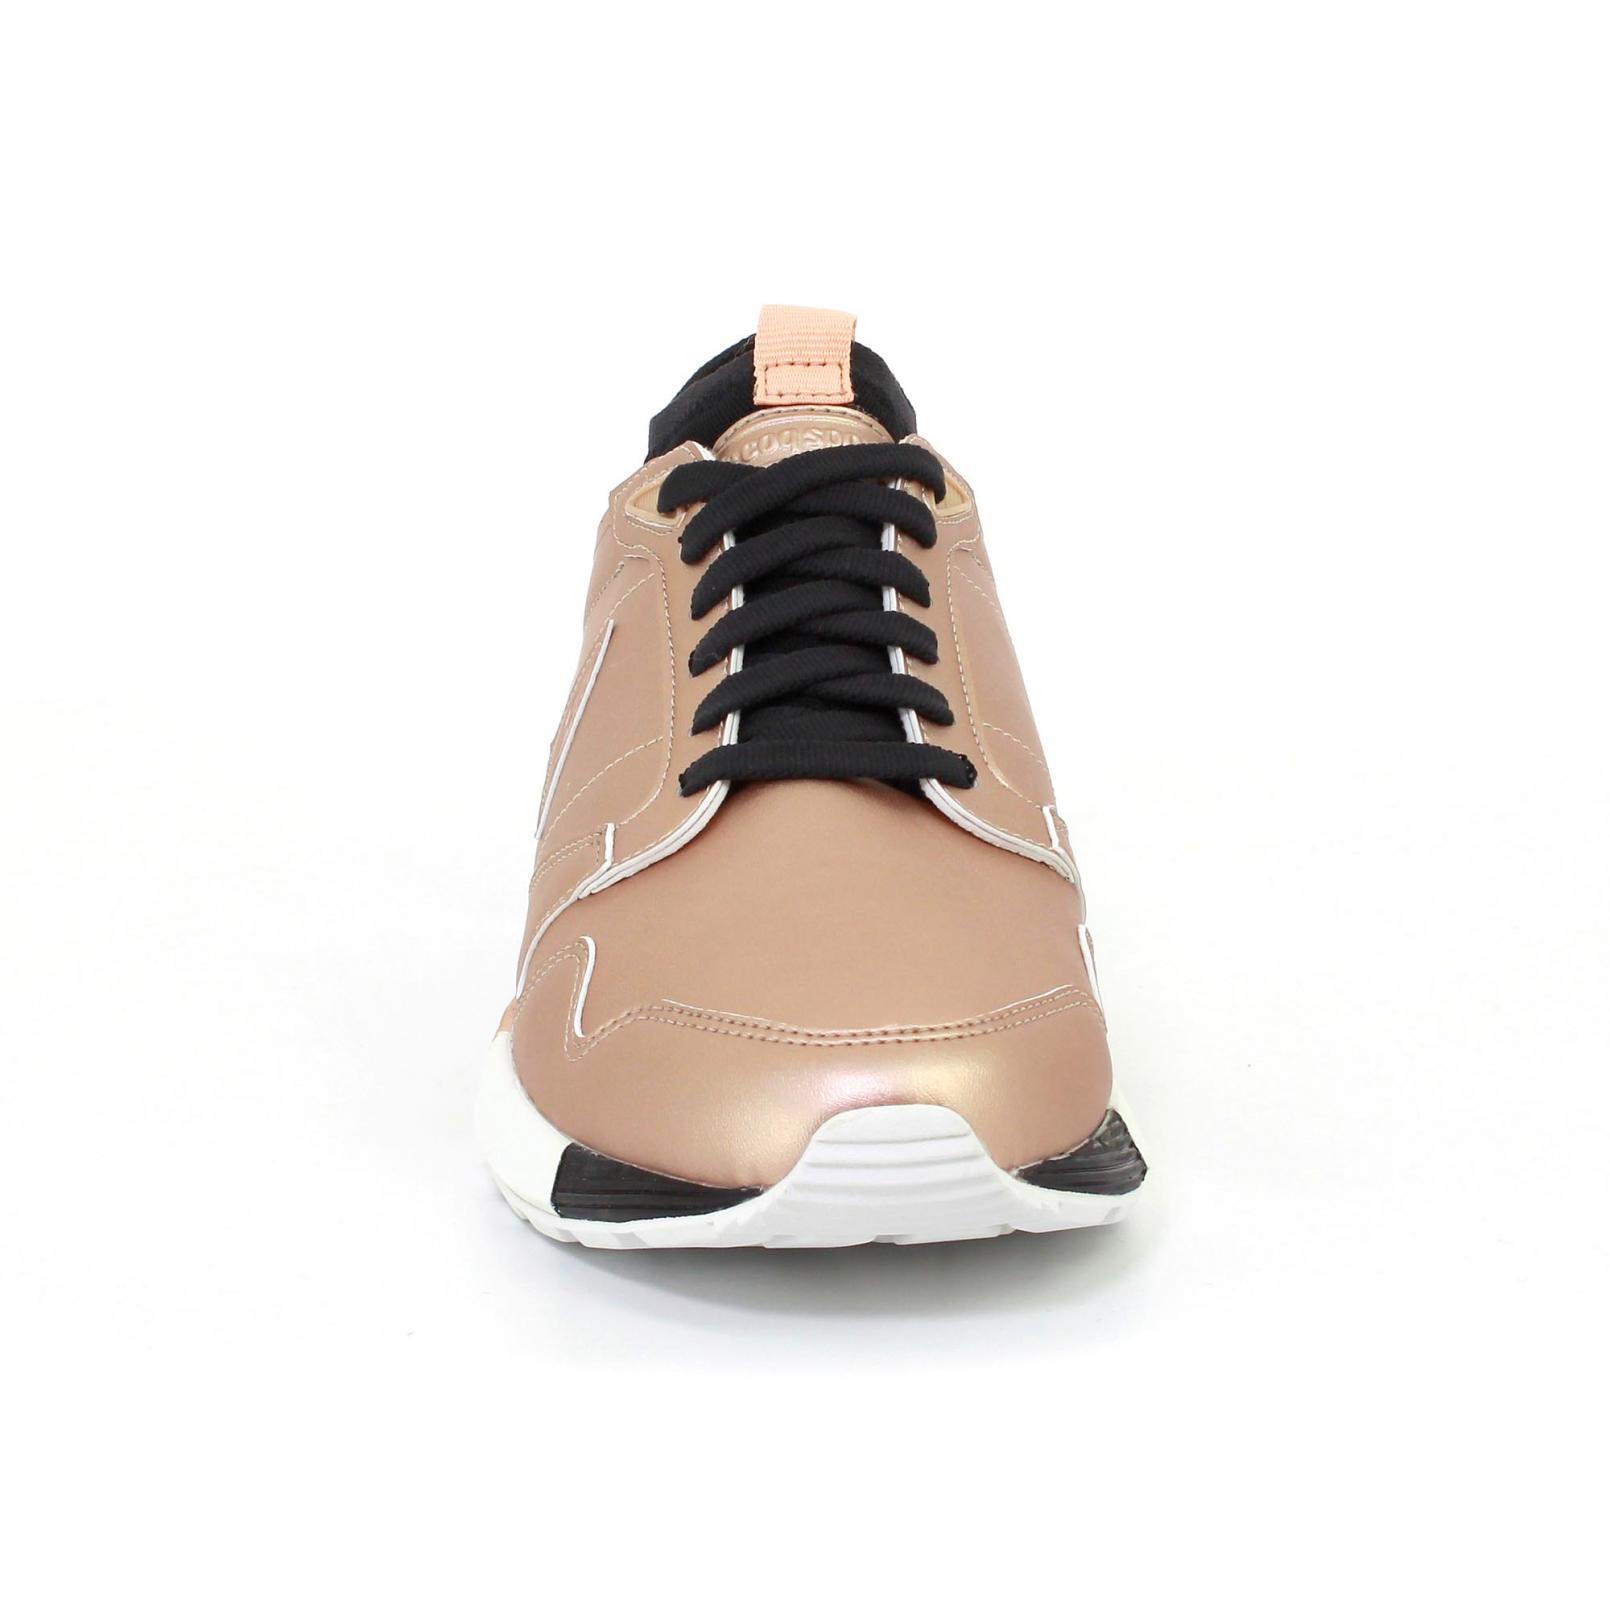 Shoes – Le Coq Sportif Omicron W S Lea Metallic Pink/Black